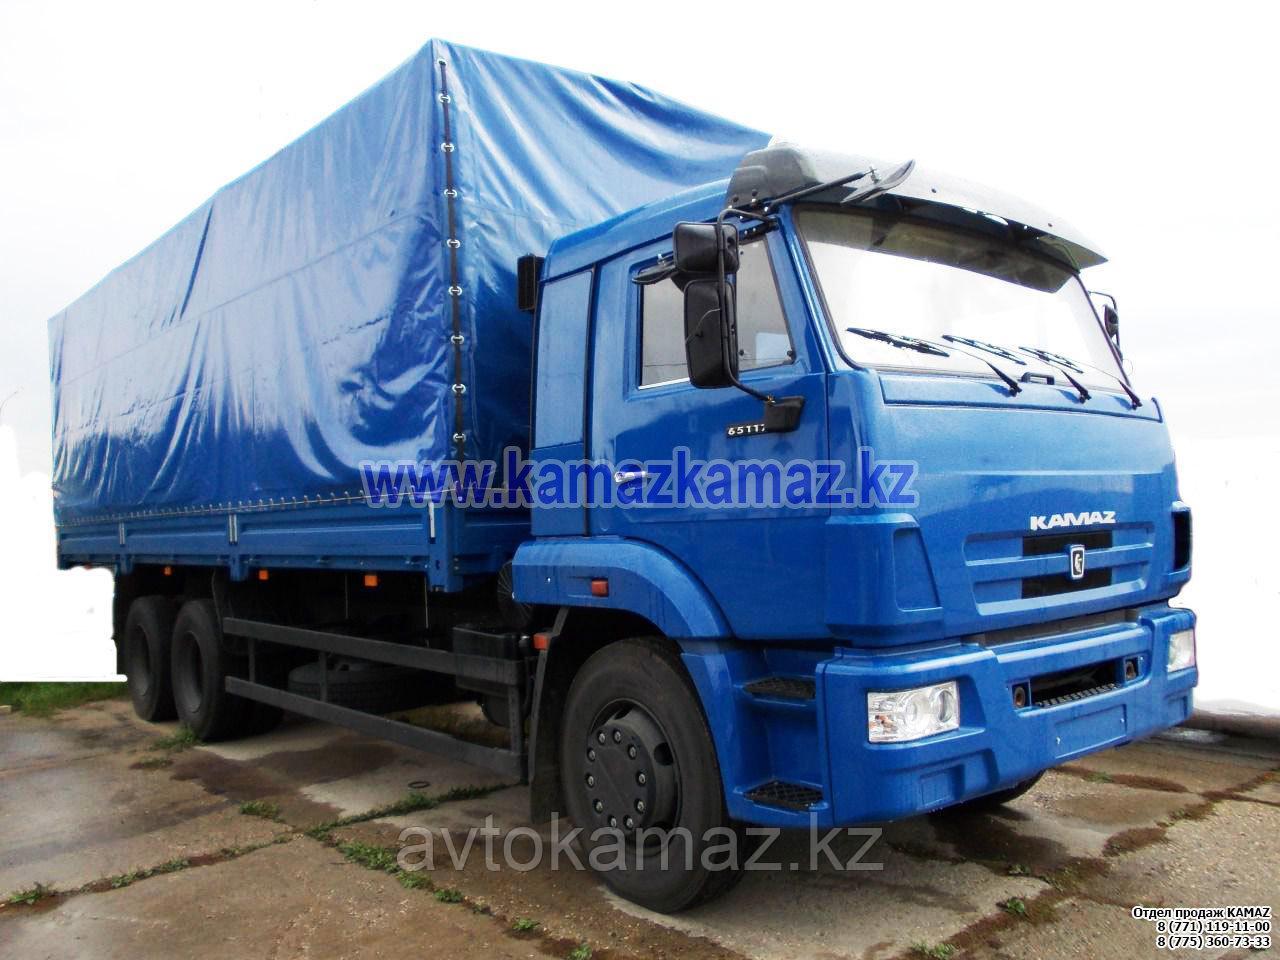 Бортовой грузовик КамАЗ 65117-776020-19 (Сборка РФ, 2017 г.)